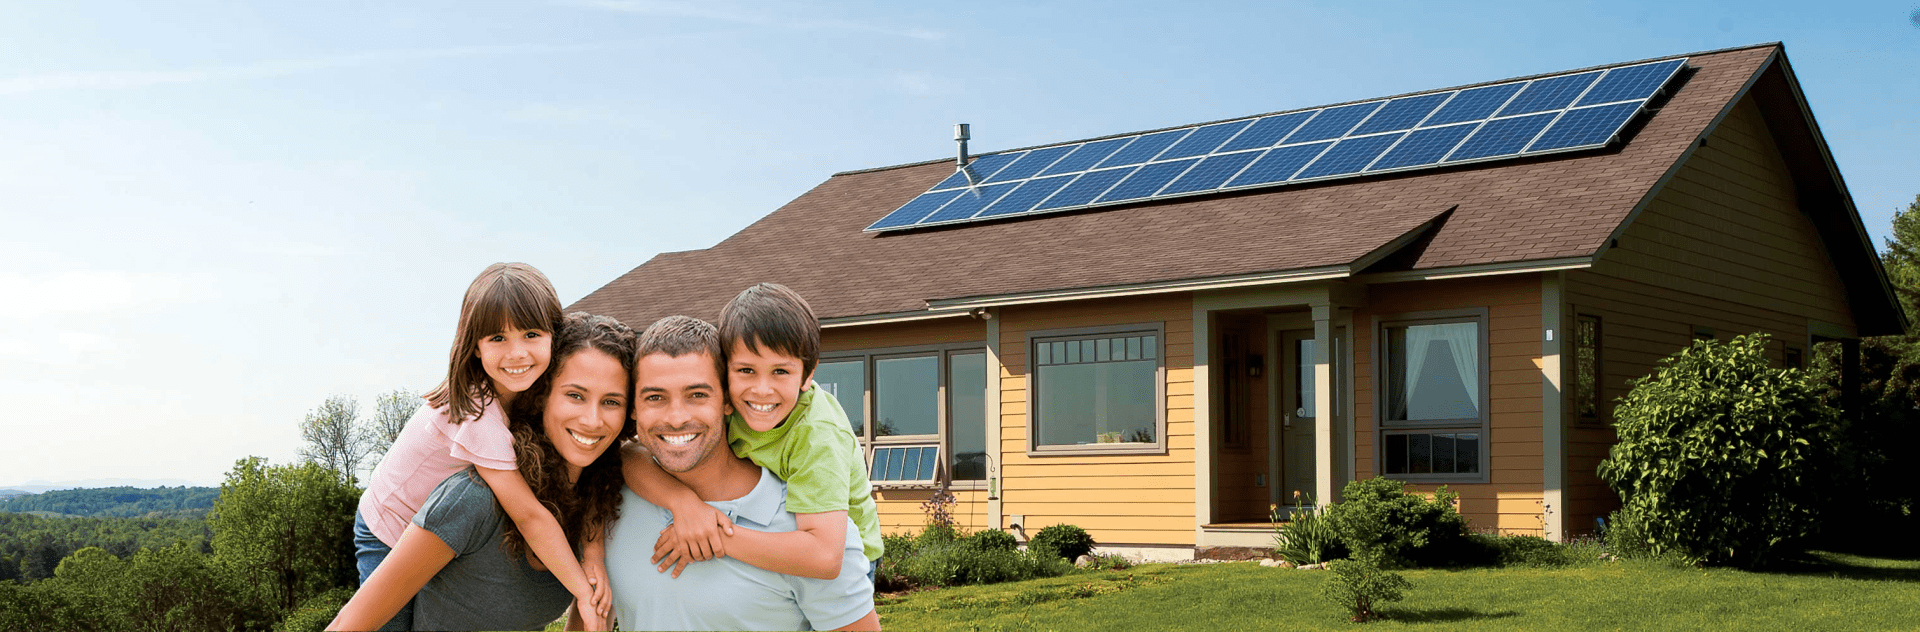 Solarfamilyhome-min